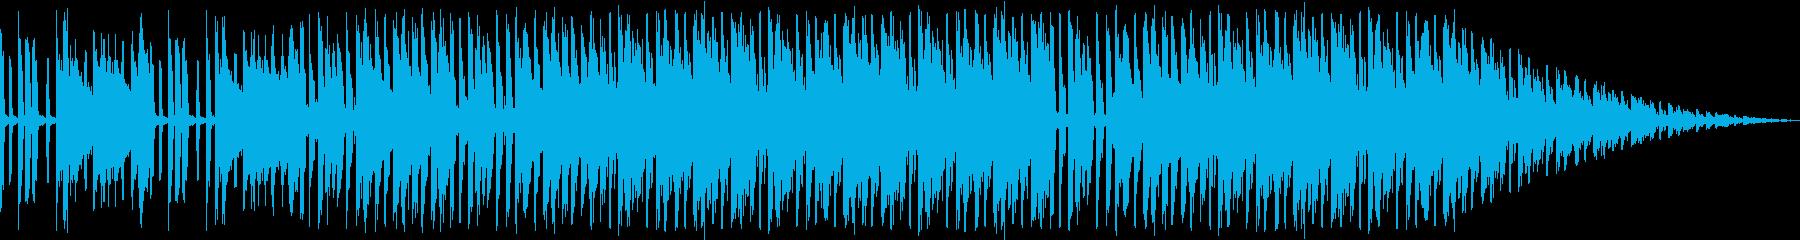 賑やかなクラブミュージックの再生済みの波形